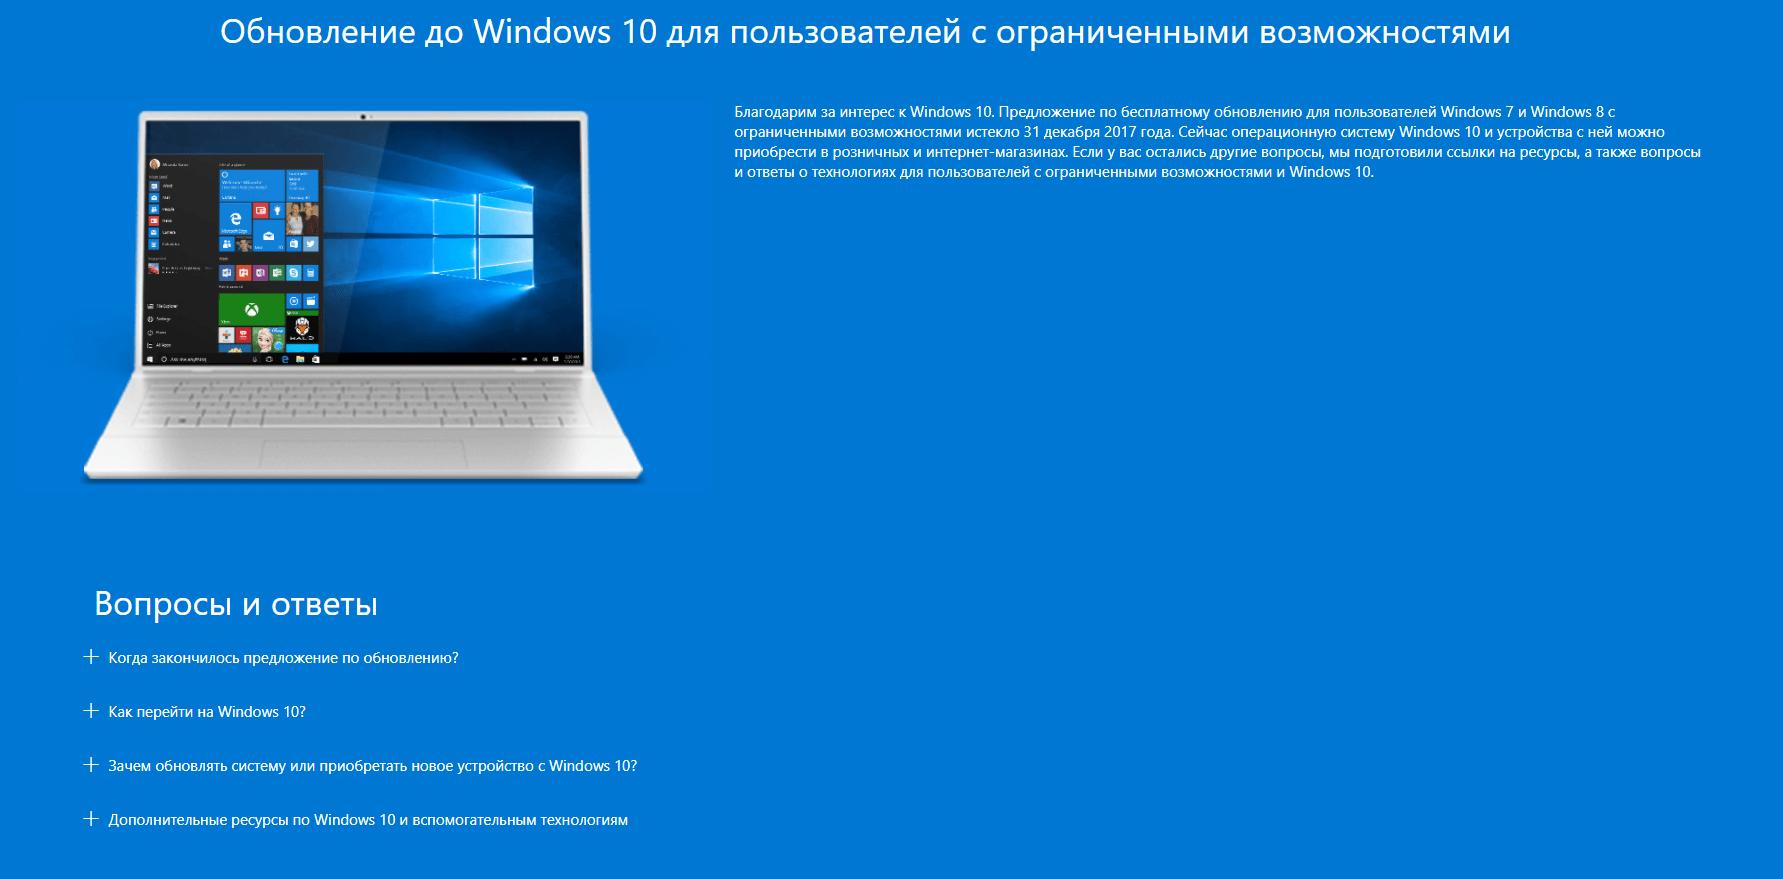 как активировать Windows 10 для людей с ограниченными возможностями